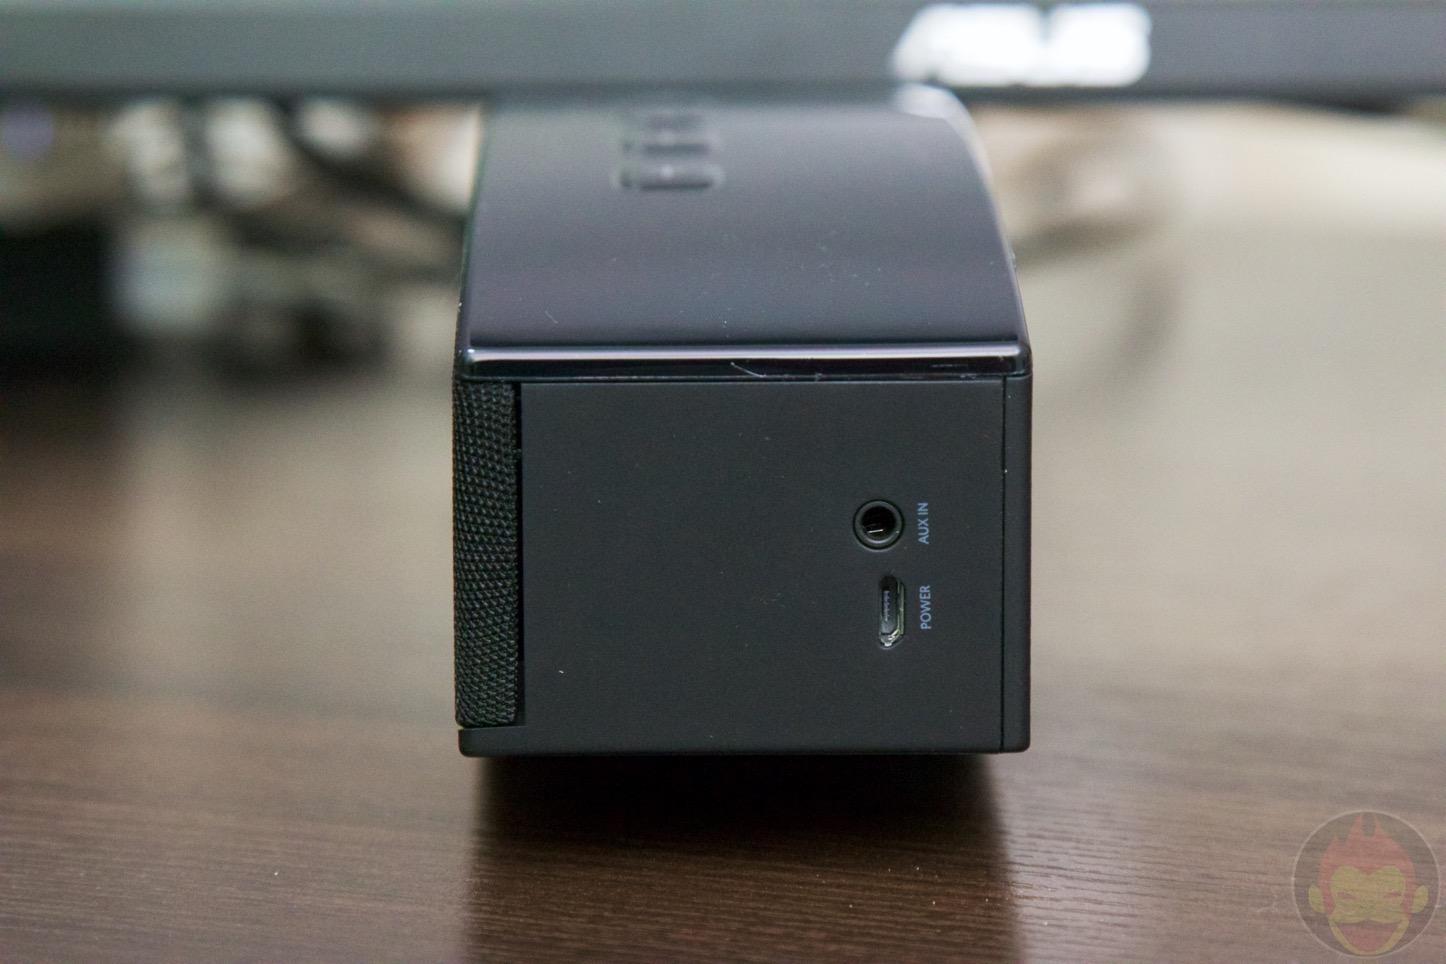 Anker-Premium-Stereo-Bluetooth-Speaker-07.jpg